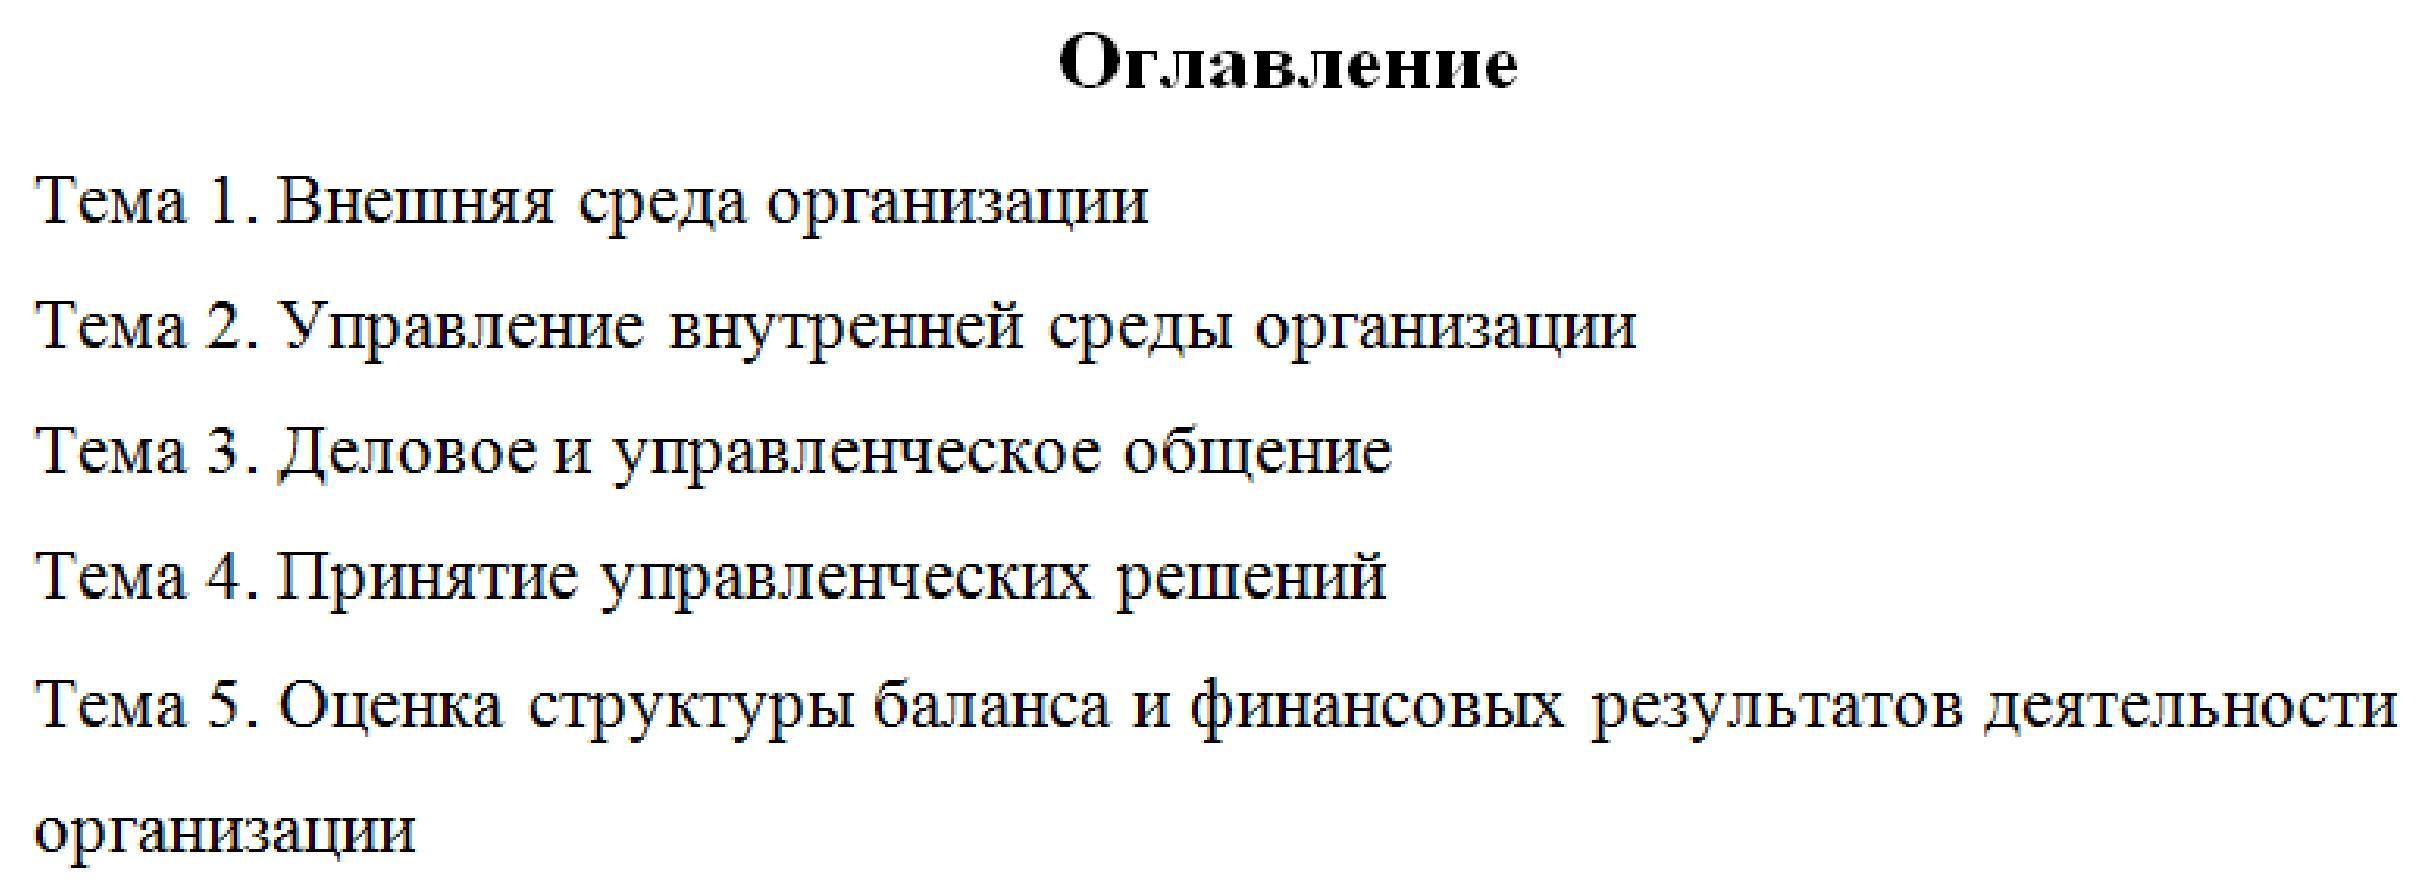 Отчет о преддипломной практике Менеджмент Практическая магия